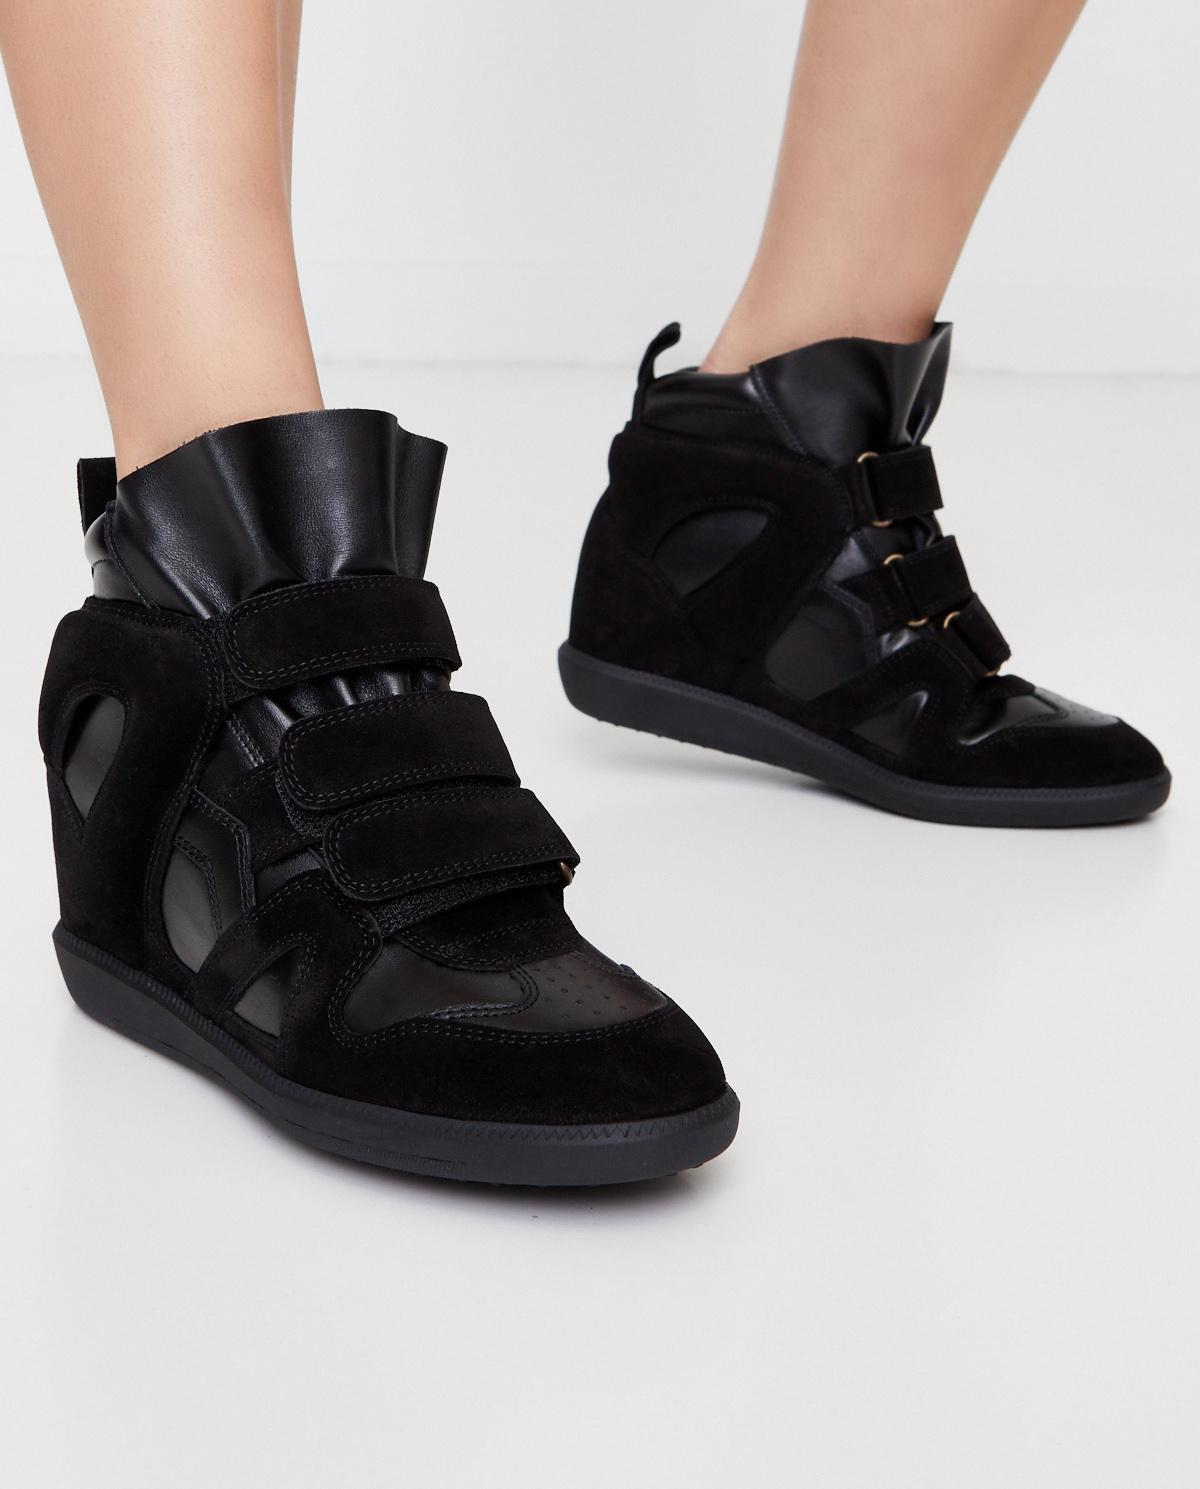 Damskie Skorzane Sneakersy Buckee Na Ukrytym Koturnie 5 Cm Isabel Marant Cena I Opinie Sklep Internetowy Moliera2 Com